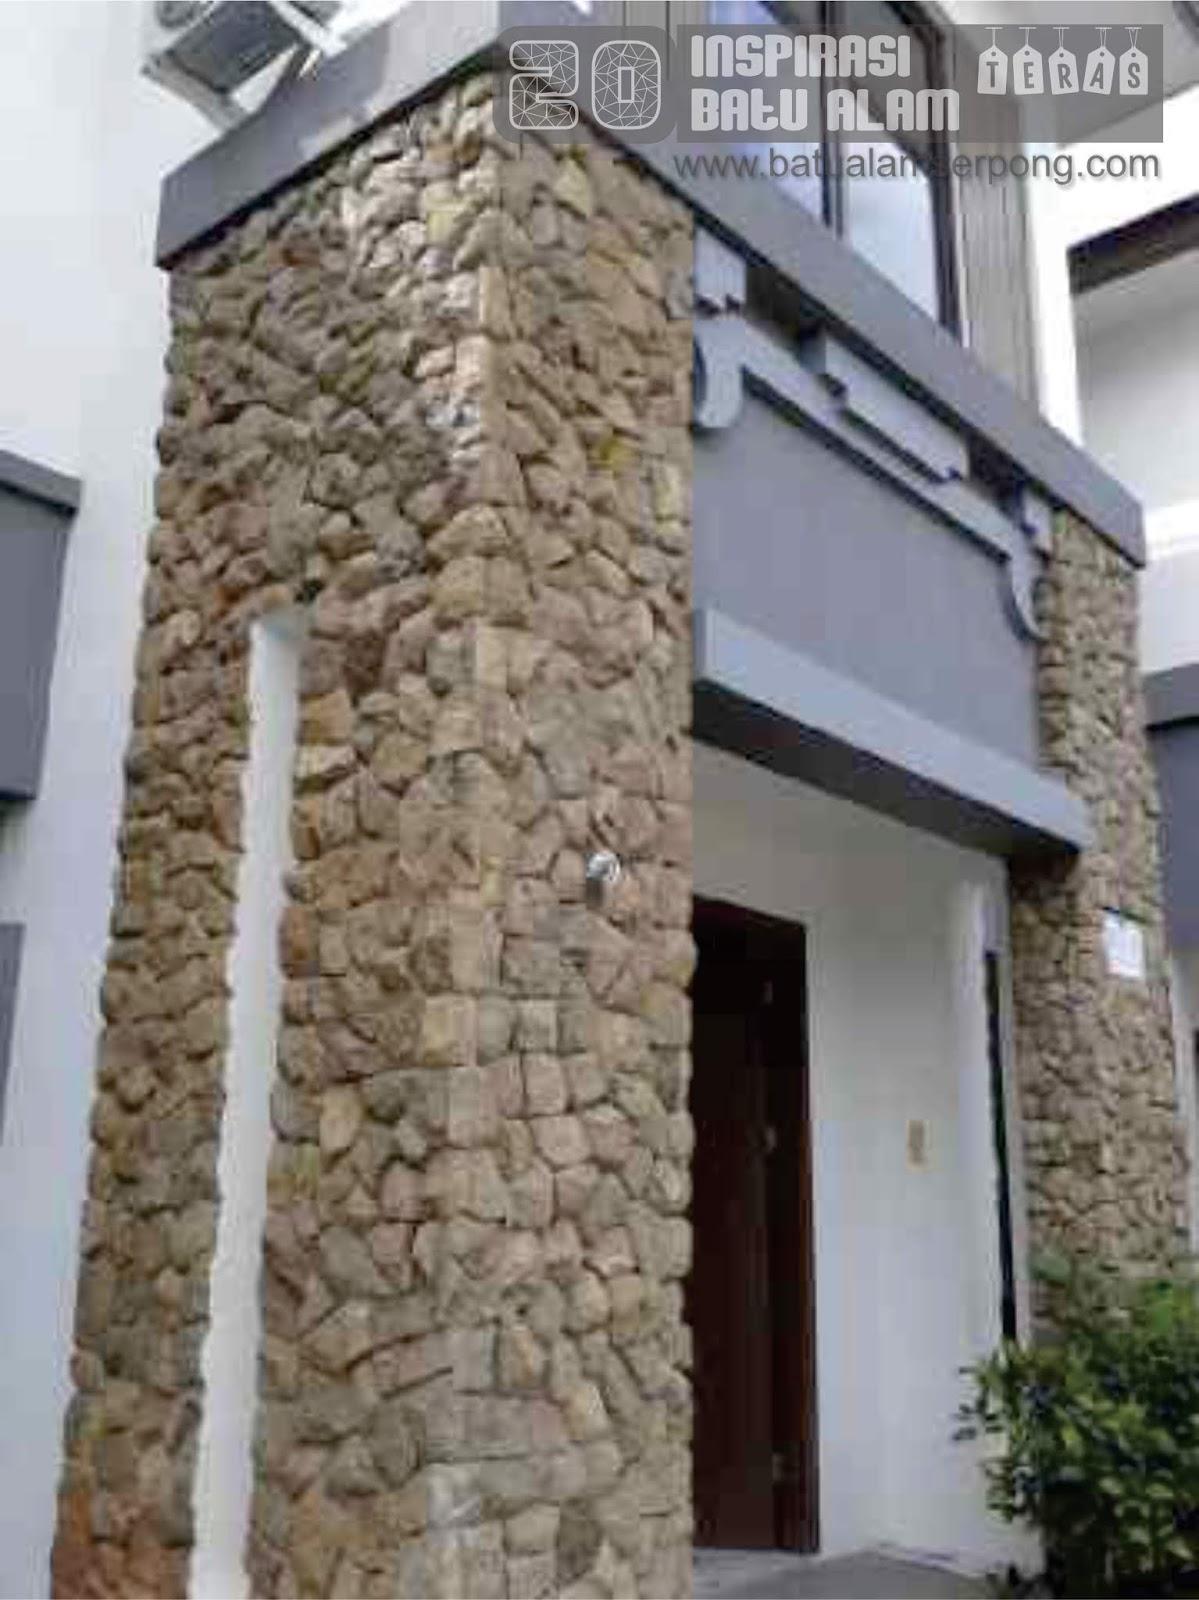 85 Gambar Rumah Kombinasi Batu Alam HD